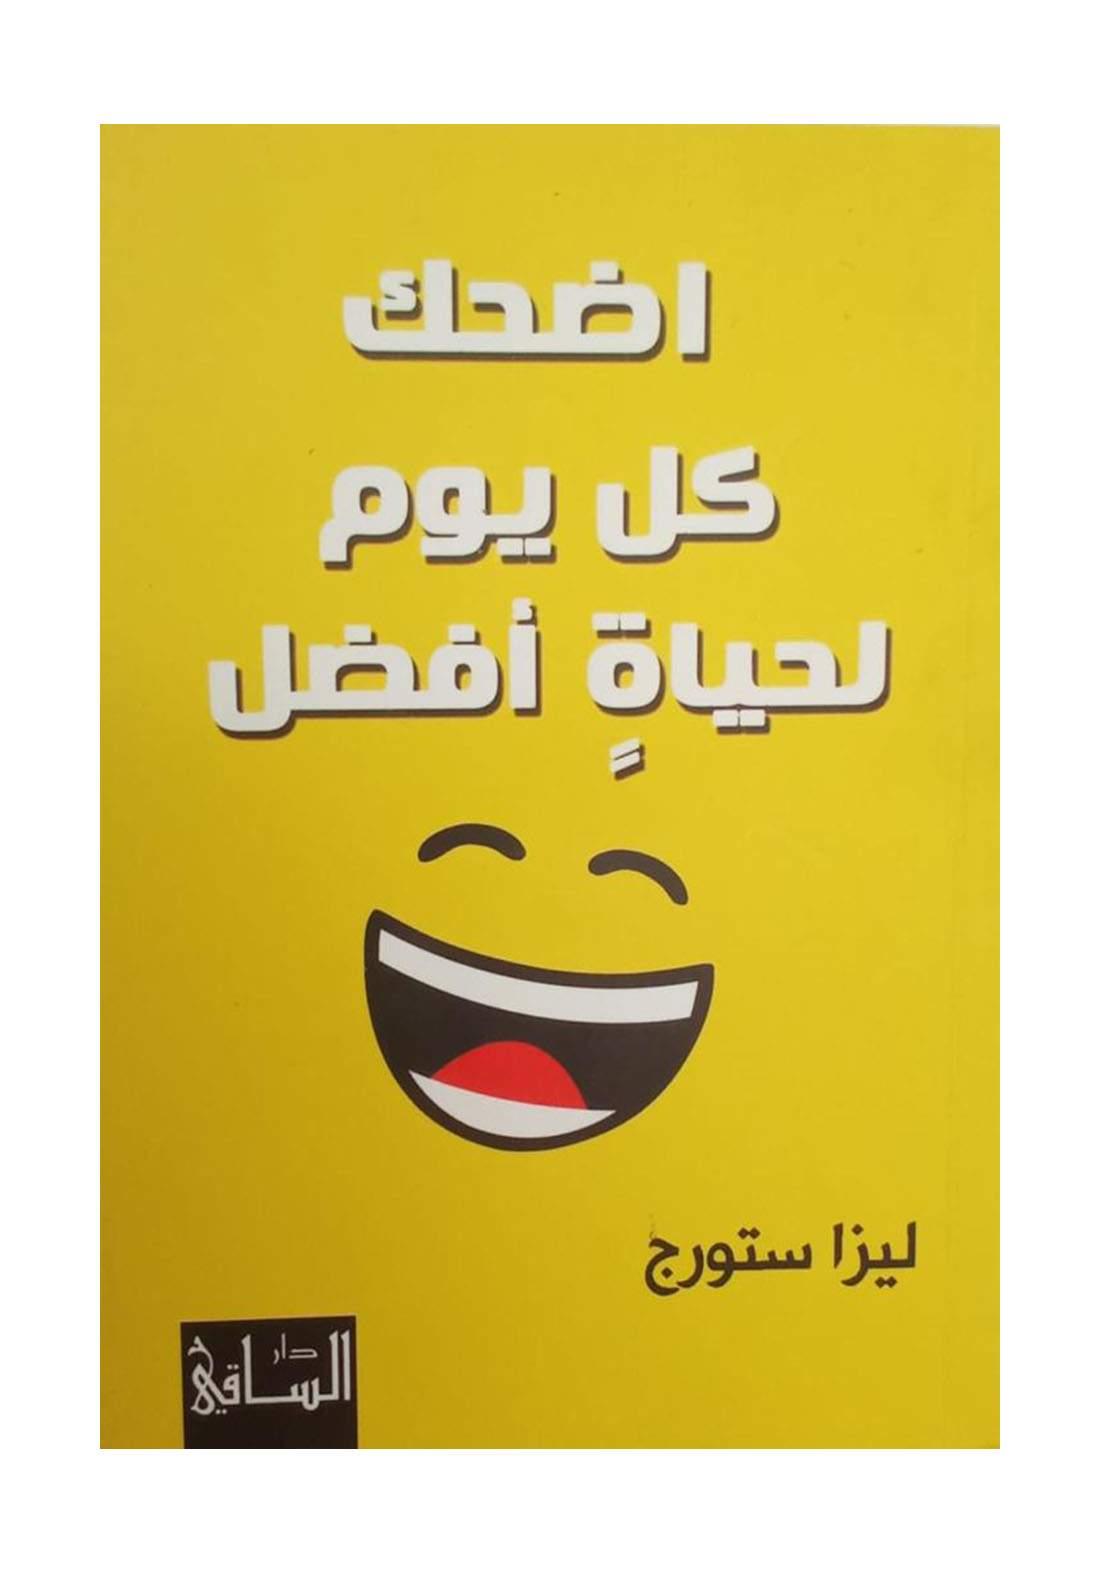 اضحك كل يوم لحياة أفضل